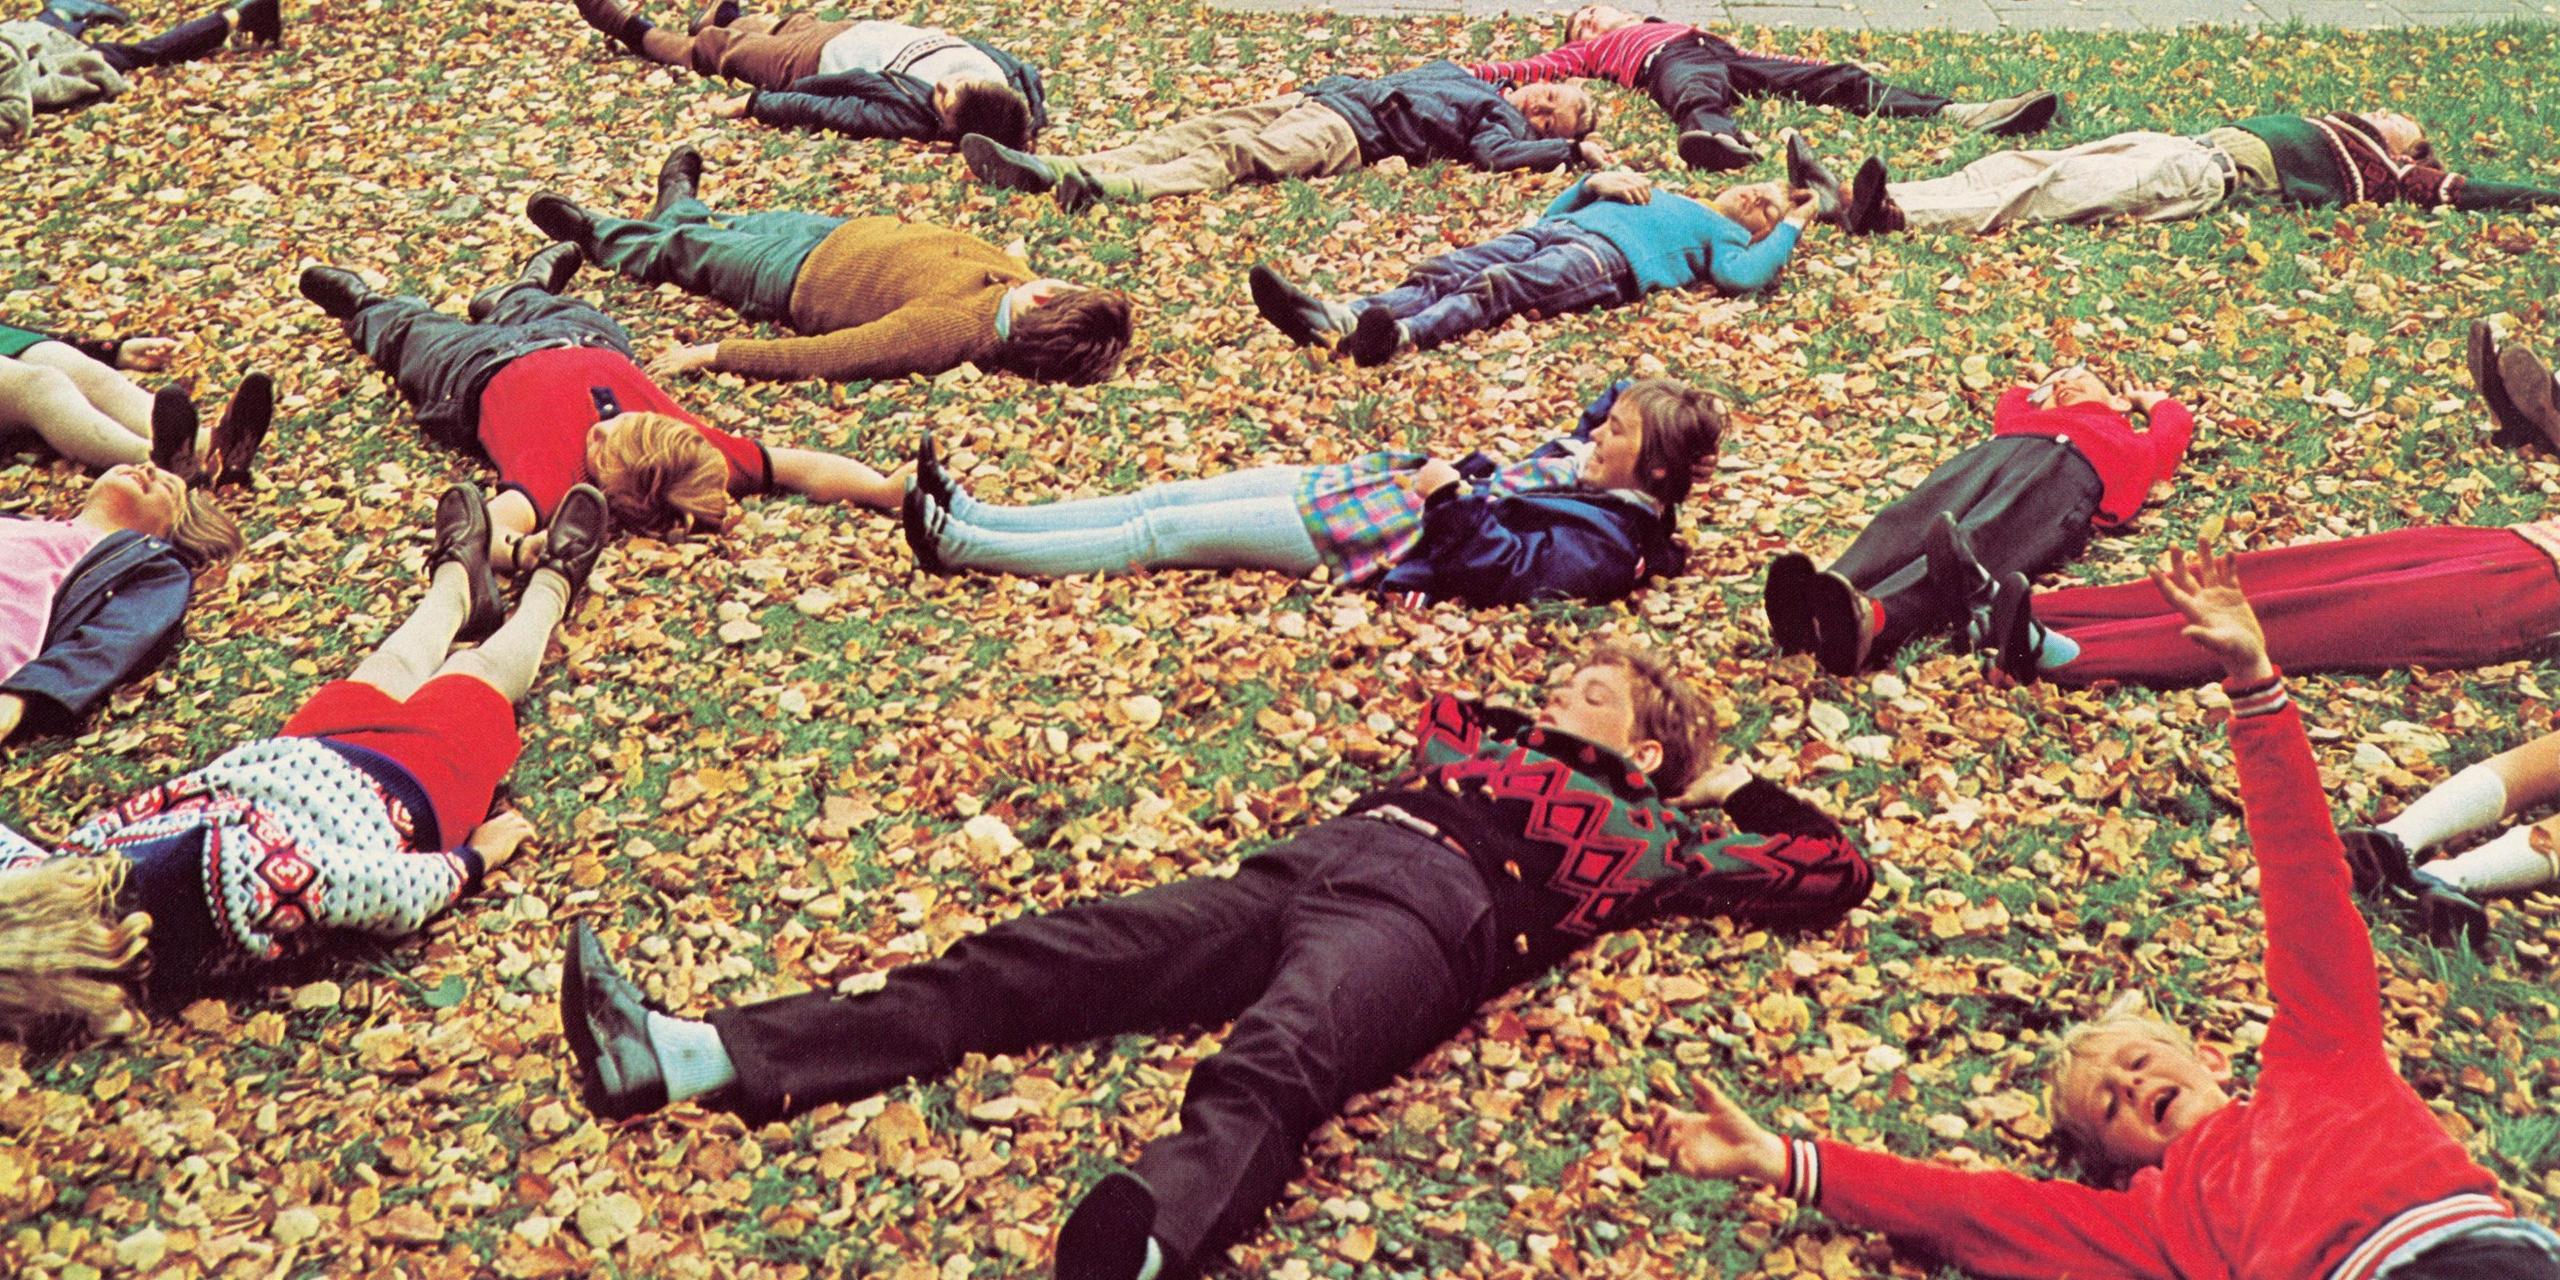 Kinder liegen auf einem mit Herbstlaub bedecktem Rasen